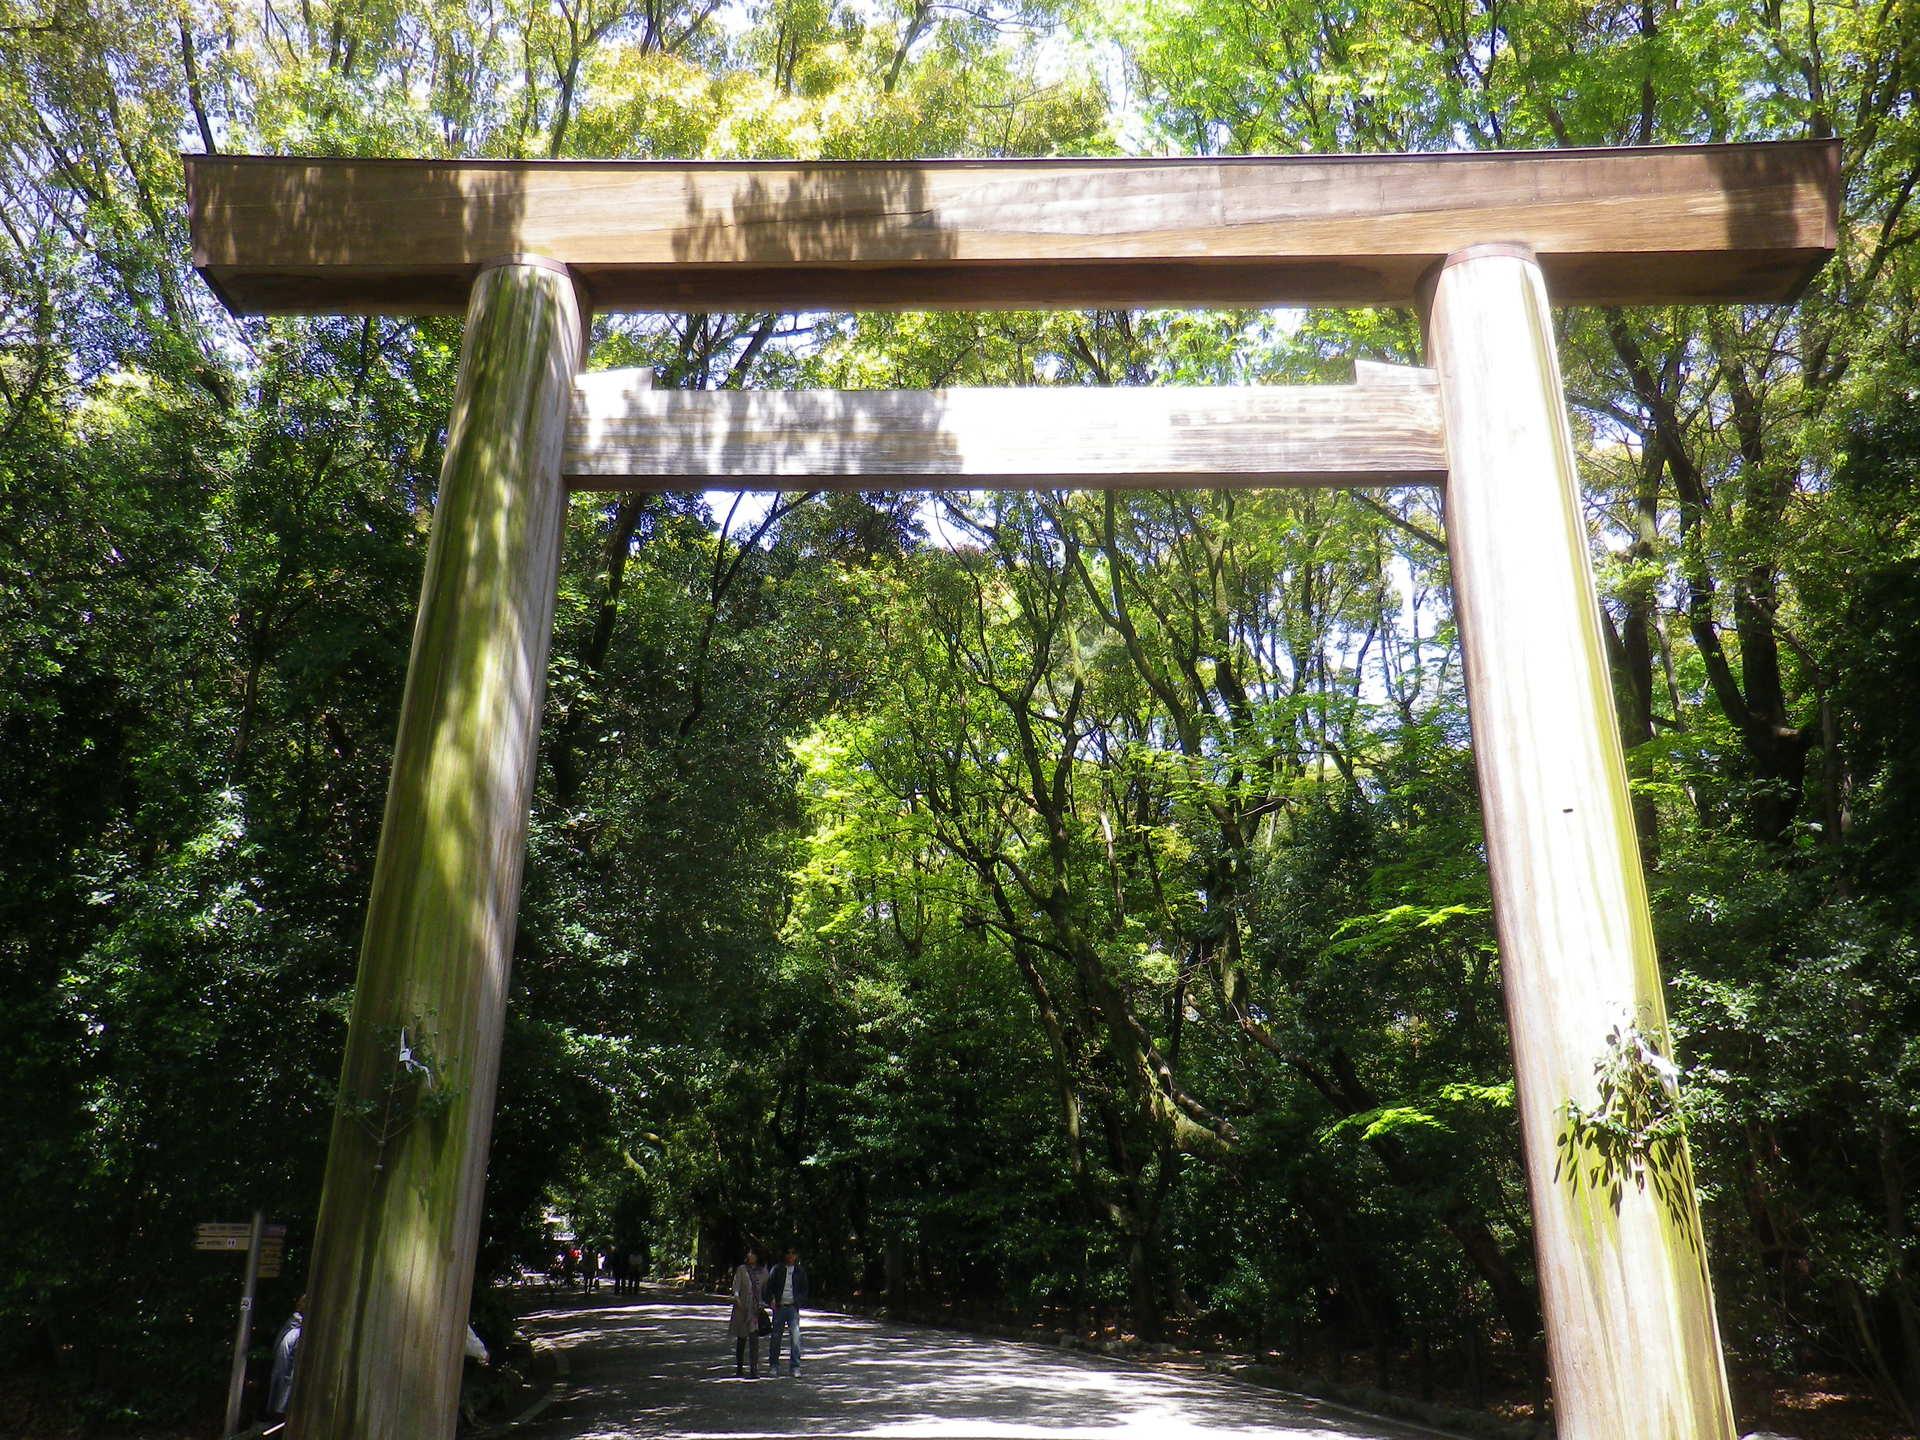 「熱田神宮でひふみ祝詞を奏上しました」 神社巡りサークル中部 - 日月神示の研究と実践 ブログ